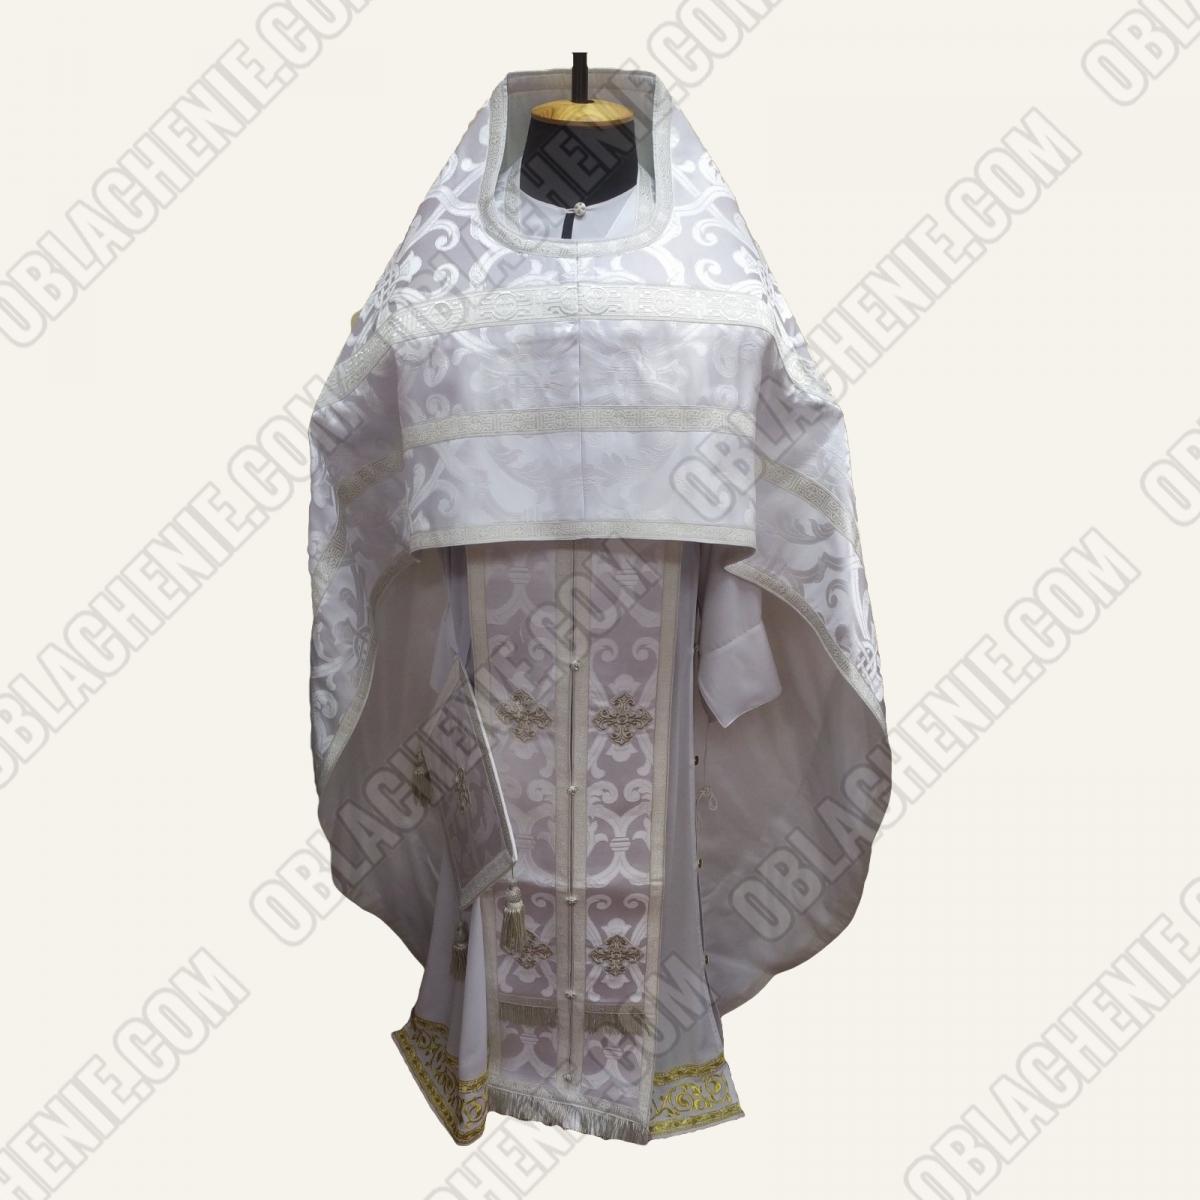 PRIEST'S VESTMENTS 11268